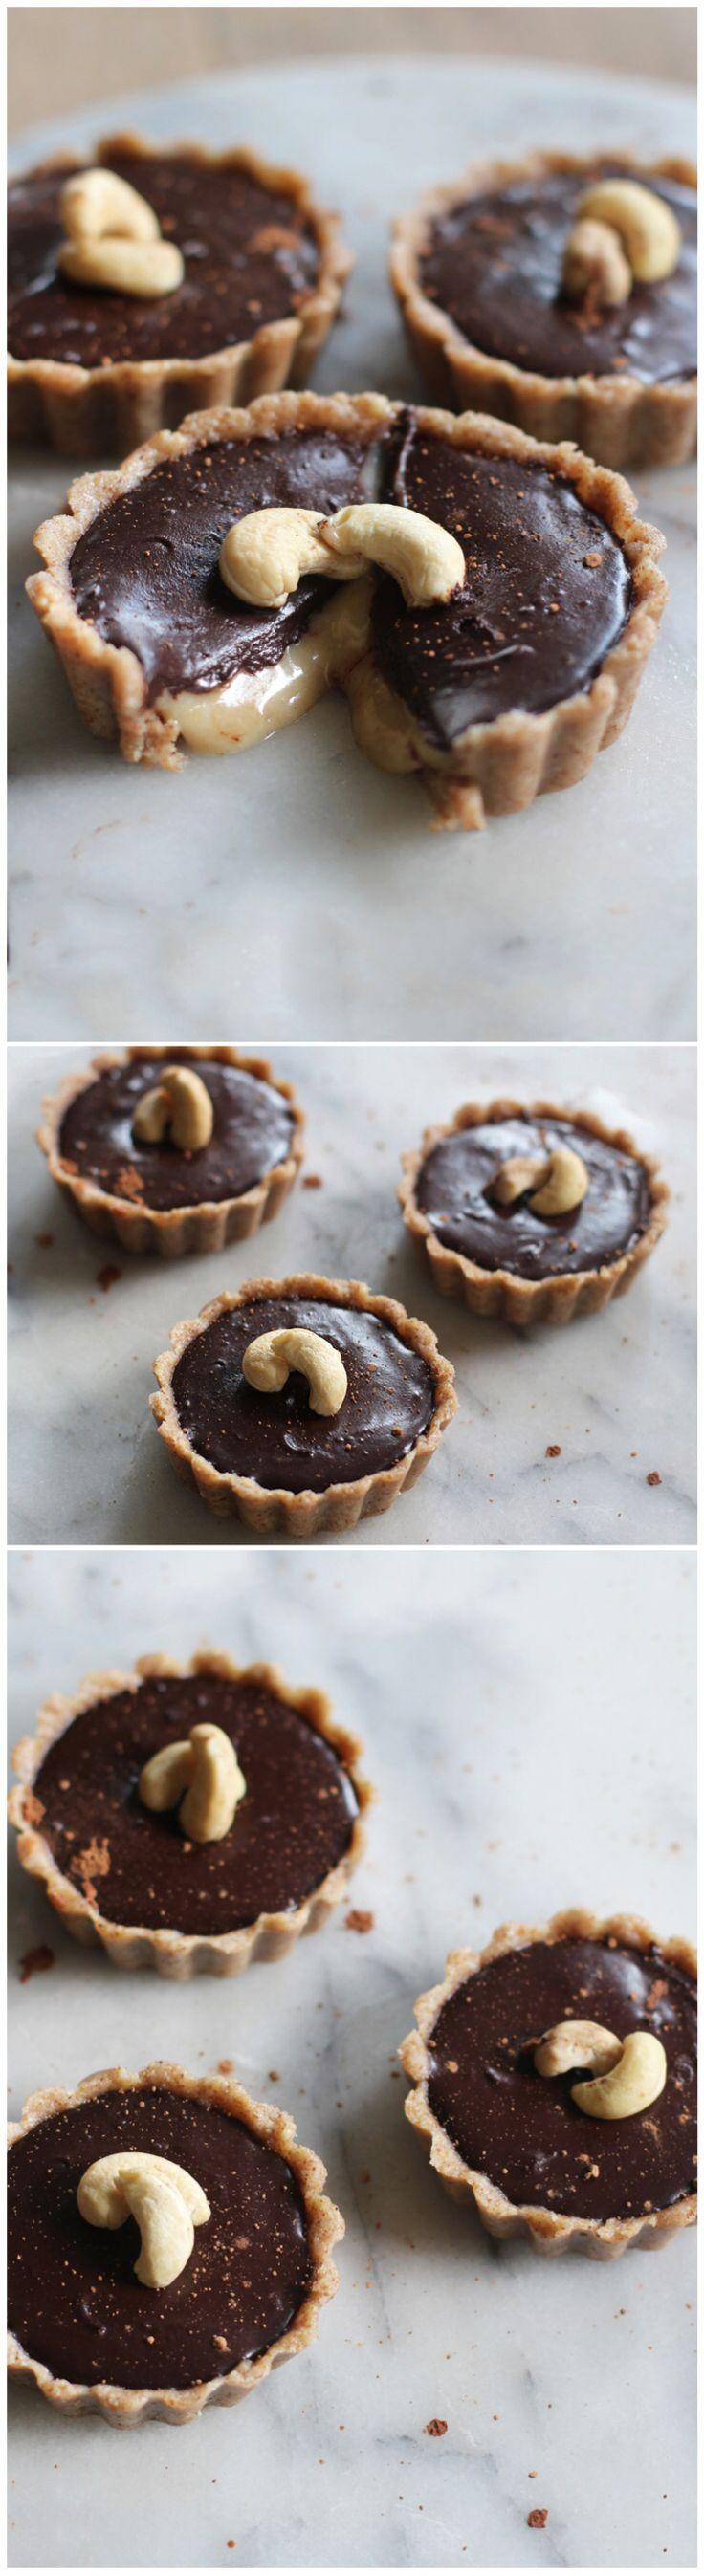 Chocolate Caramel #Vegan Tarts